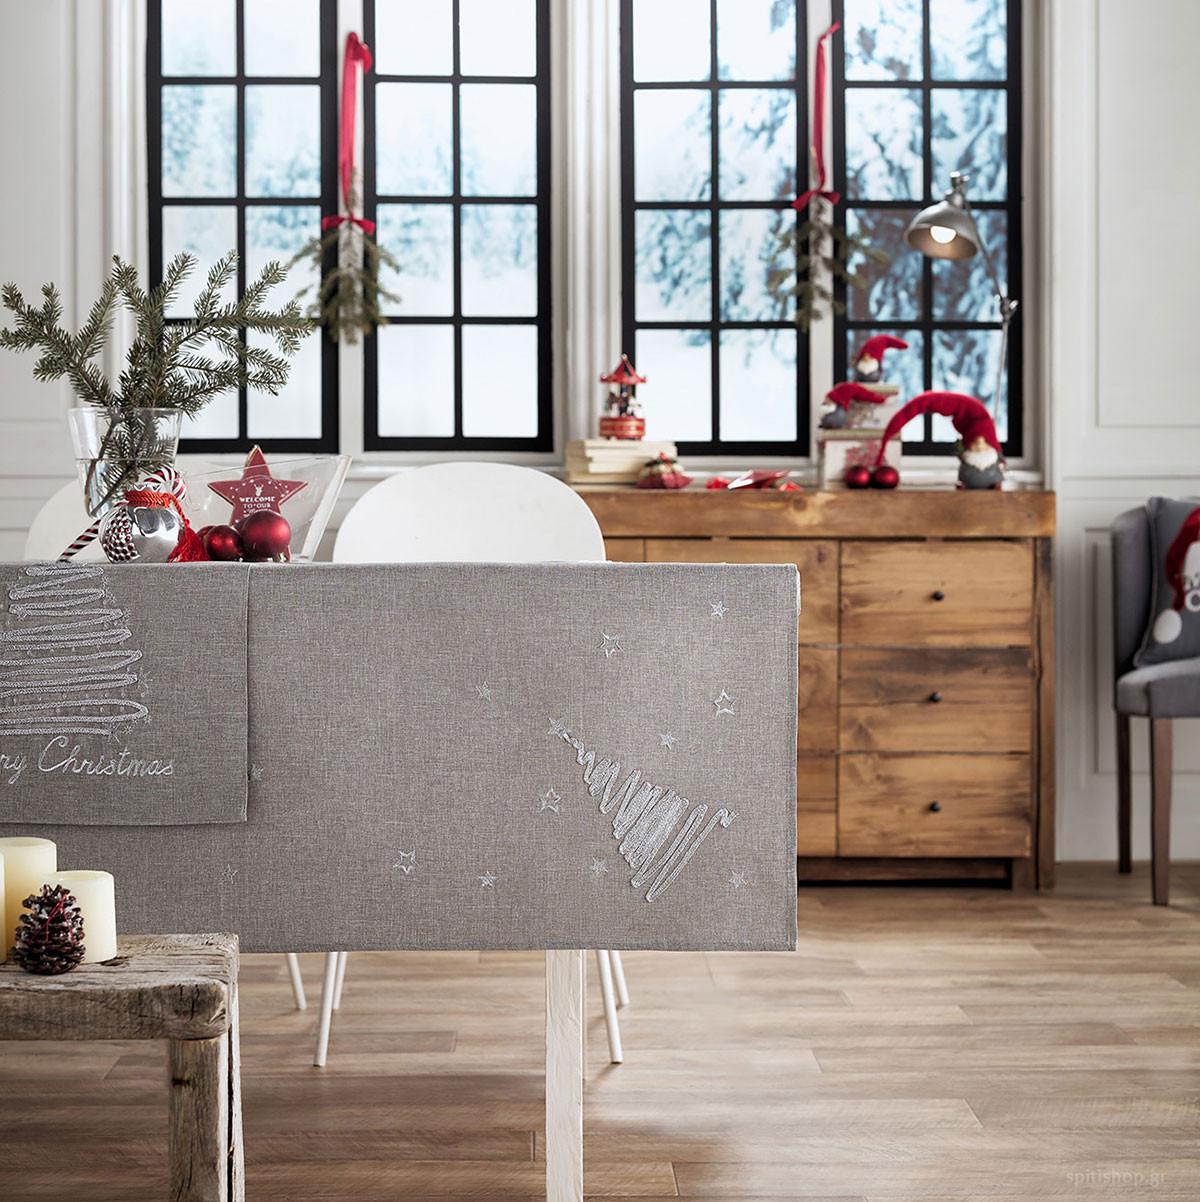 Χριστουγεννιάτικο Τραπεζομάντηλο (135×135) Gofis Home 231/15